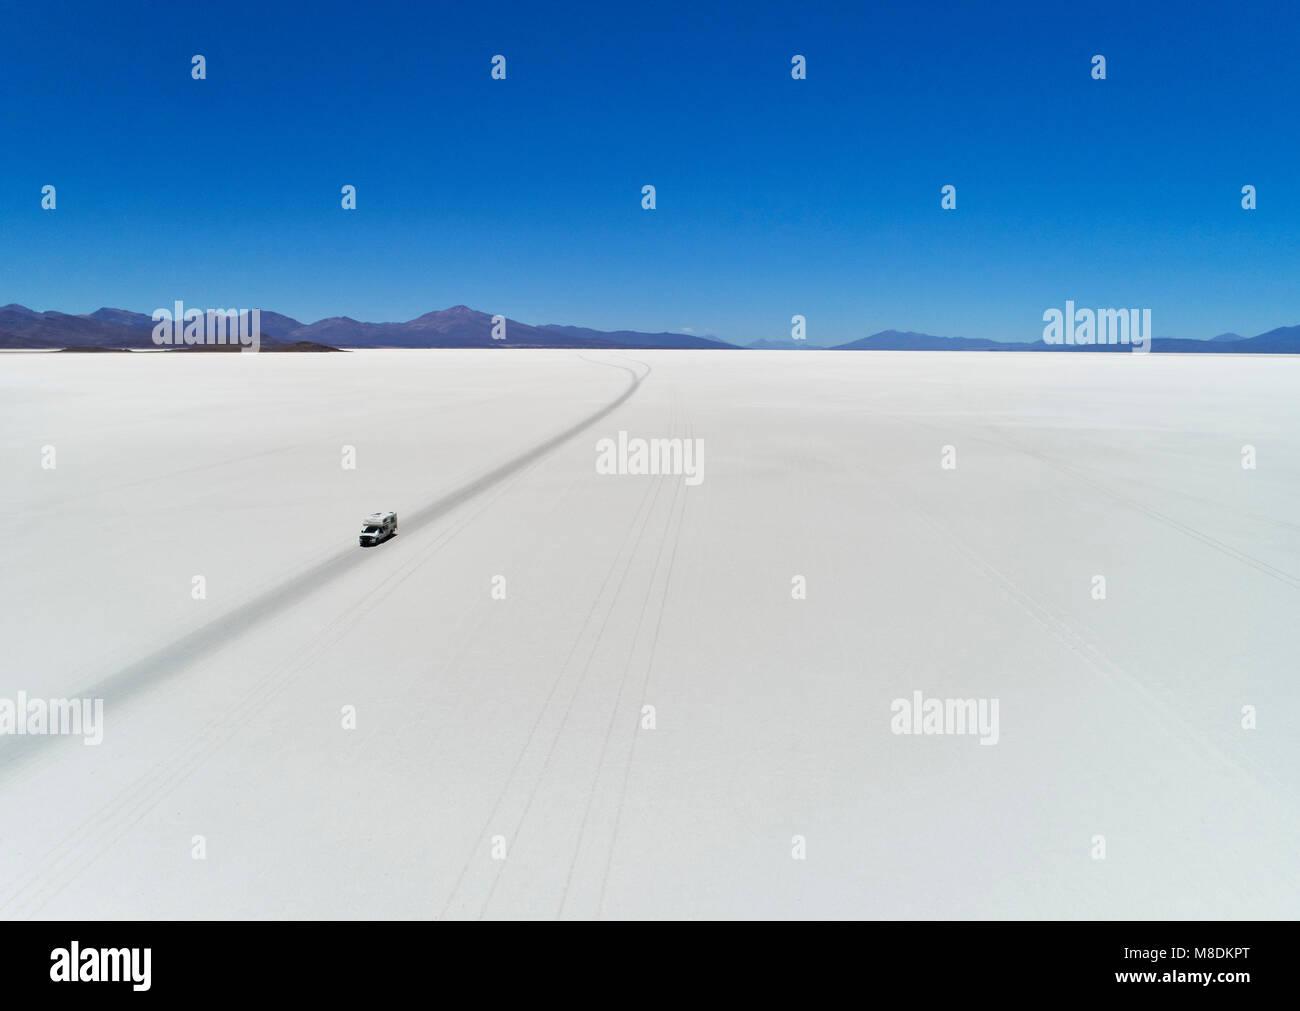 Vehículo recreativo, viajando a través de salinas, el Salar de Uyuni, Uyuni, Oruro, Bolivia, América Imagen De Stock